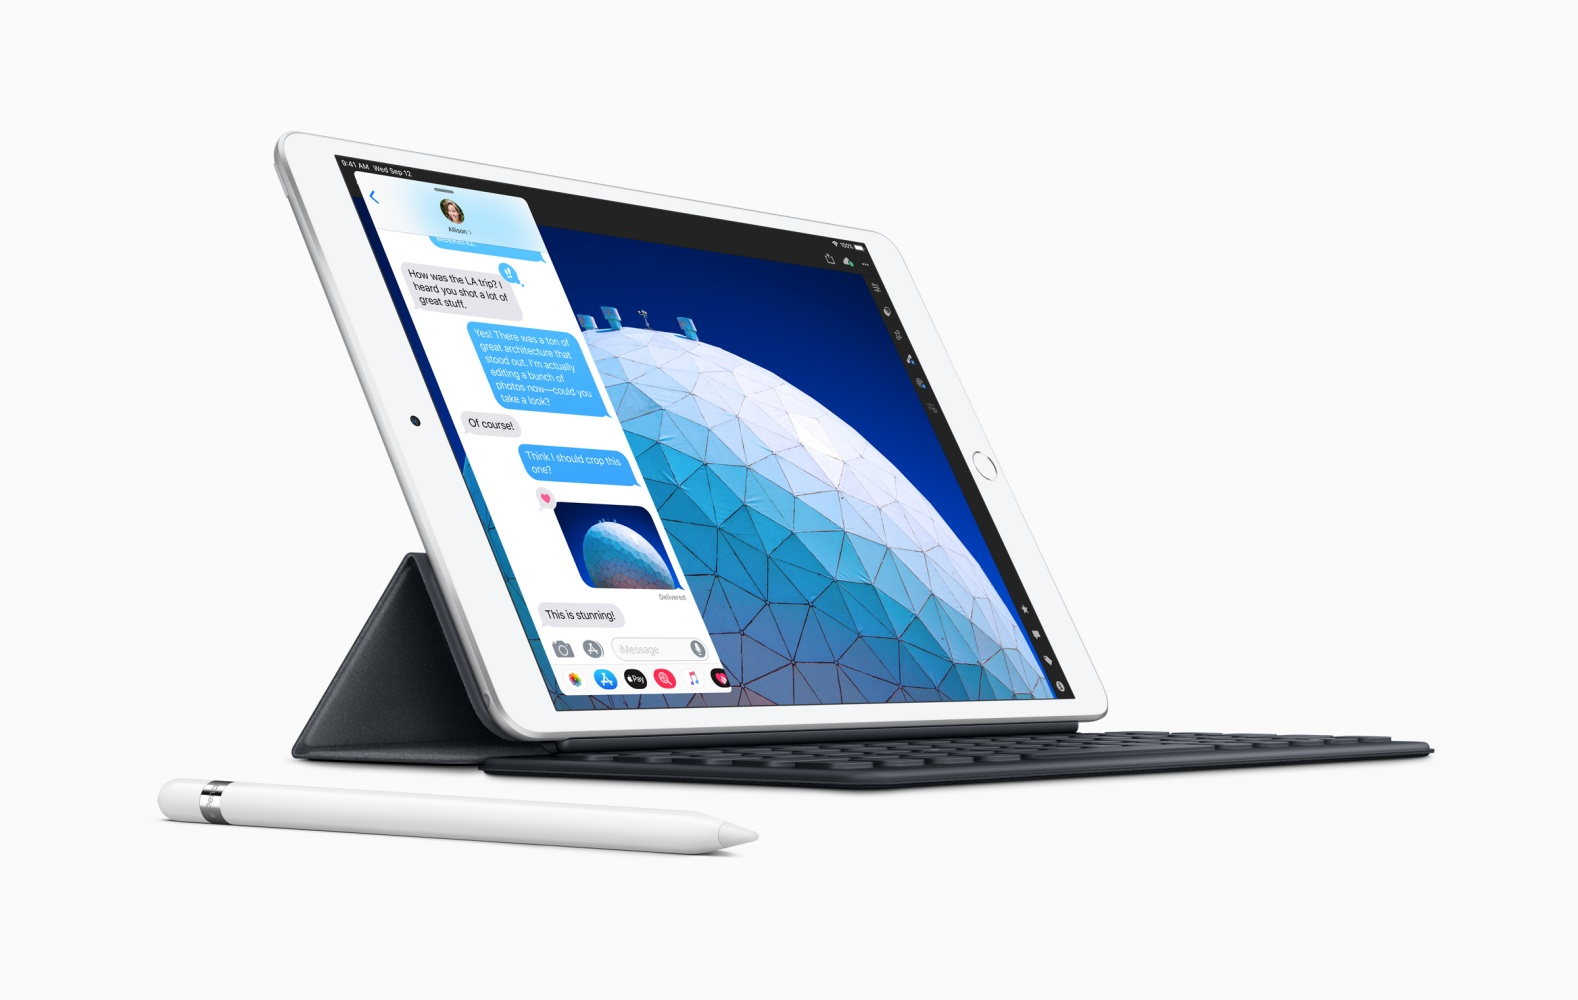 Nowy iPad Air bez złącza Lightning i z większym ekranem